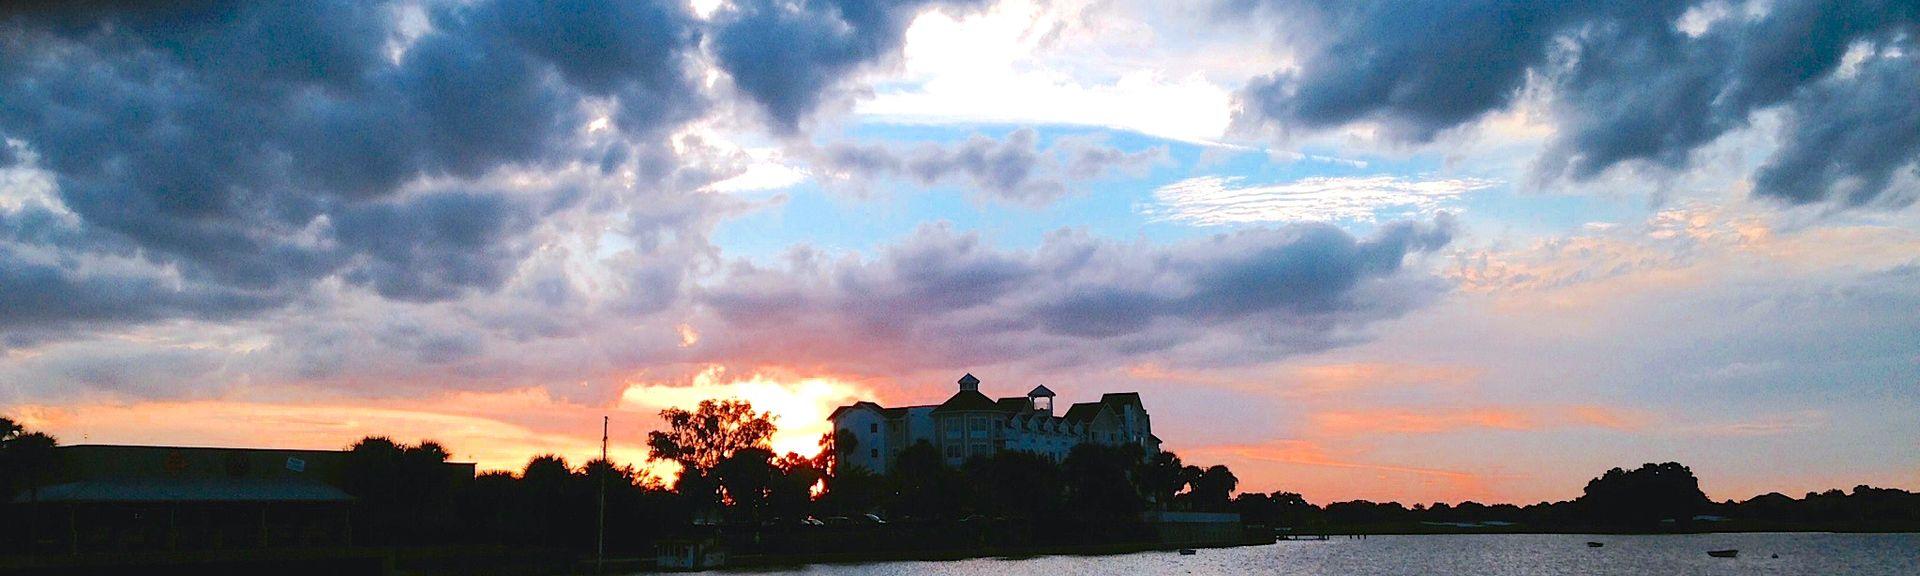 Ocala Regional Medical Center, Ocala, FL, USA